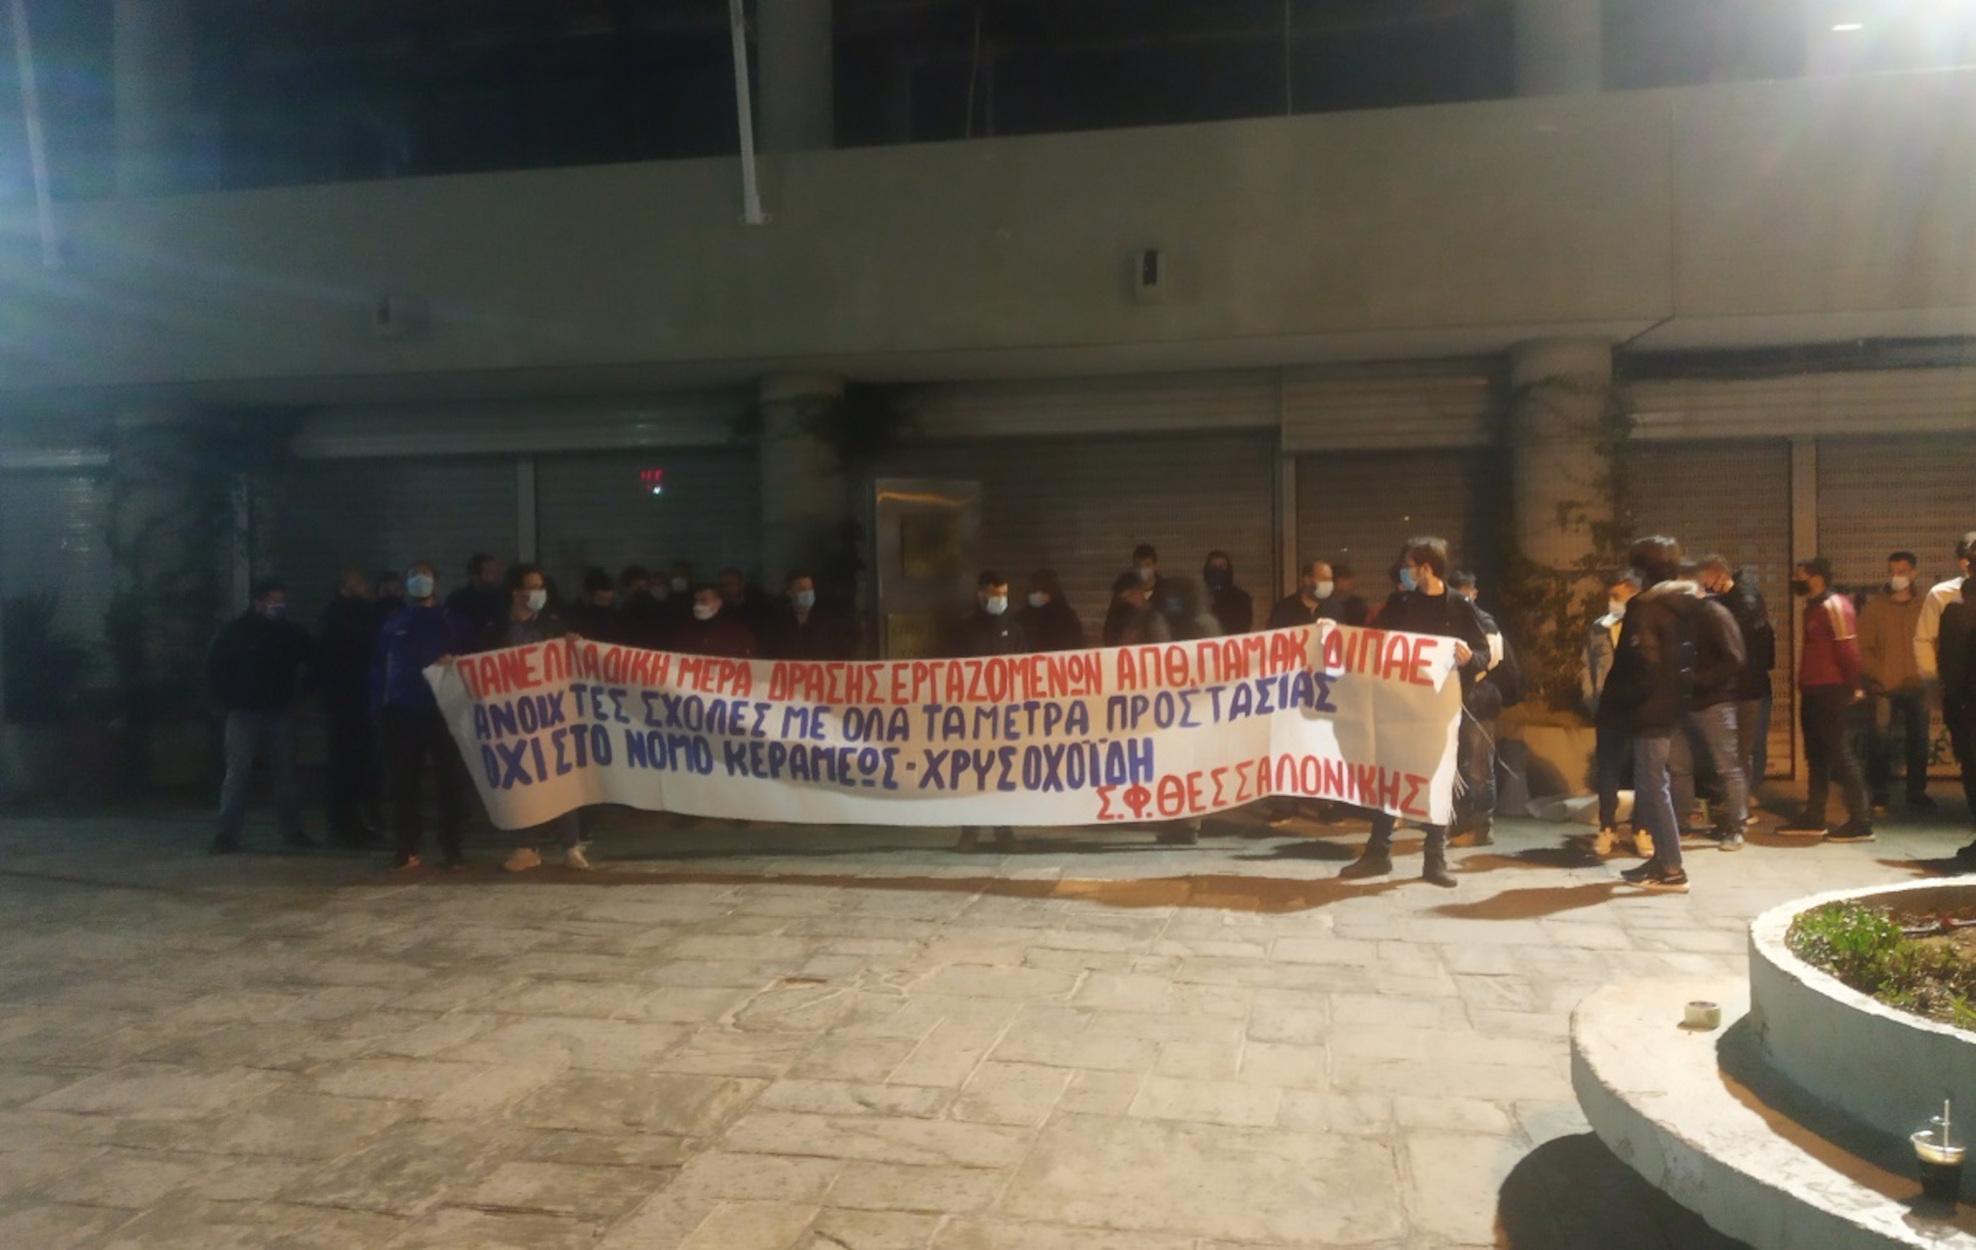 Θεσσαλονίκη: Φοιτητές απέκλεισαν την Πρυτανεία του ΑΠΘ (pics)